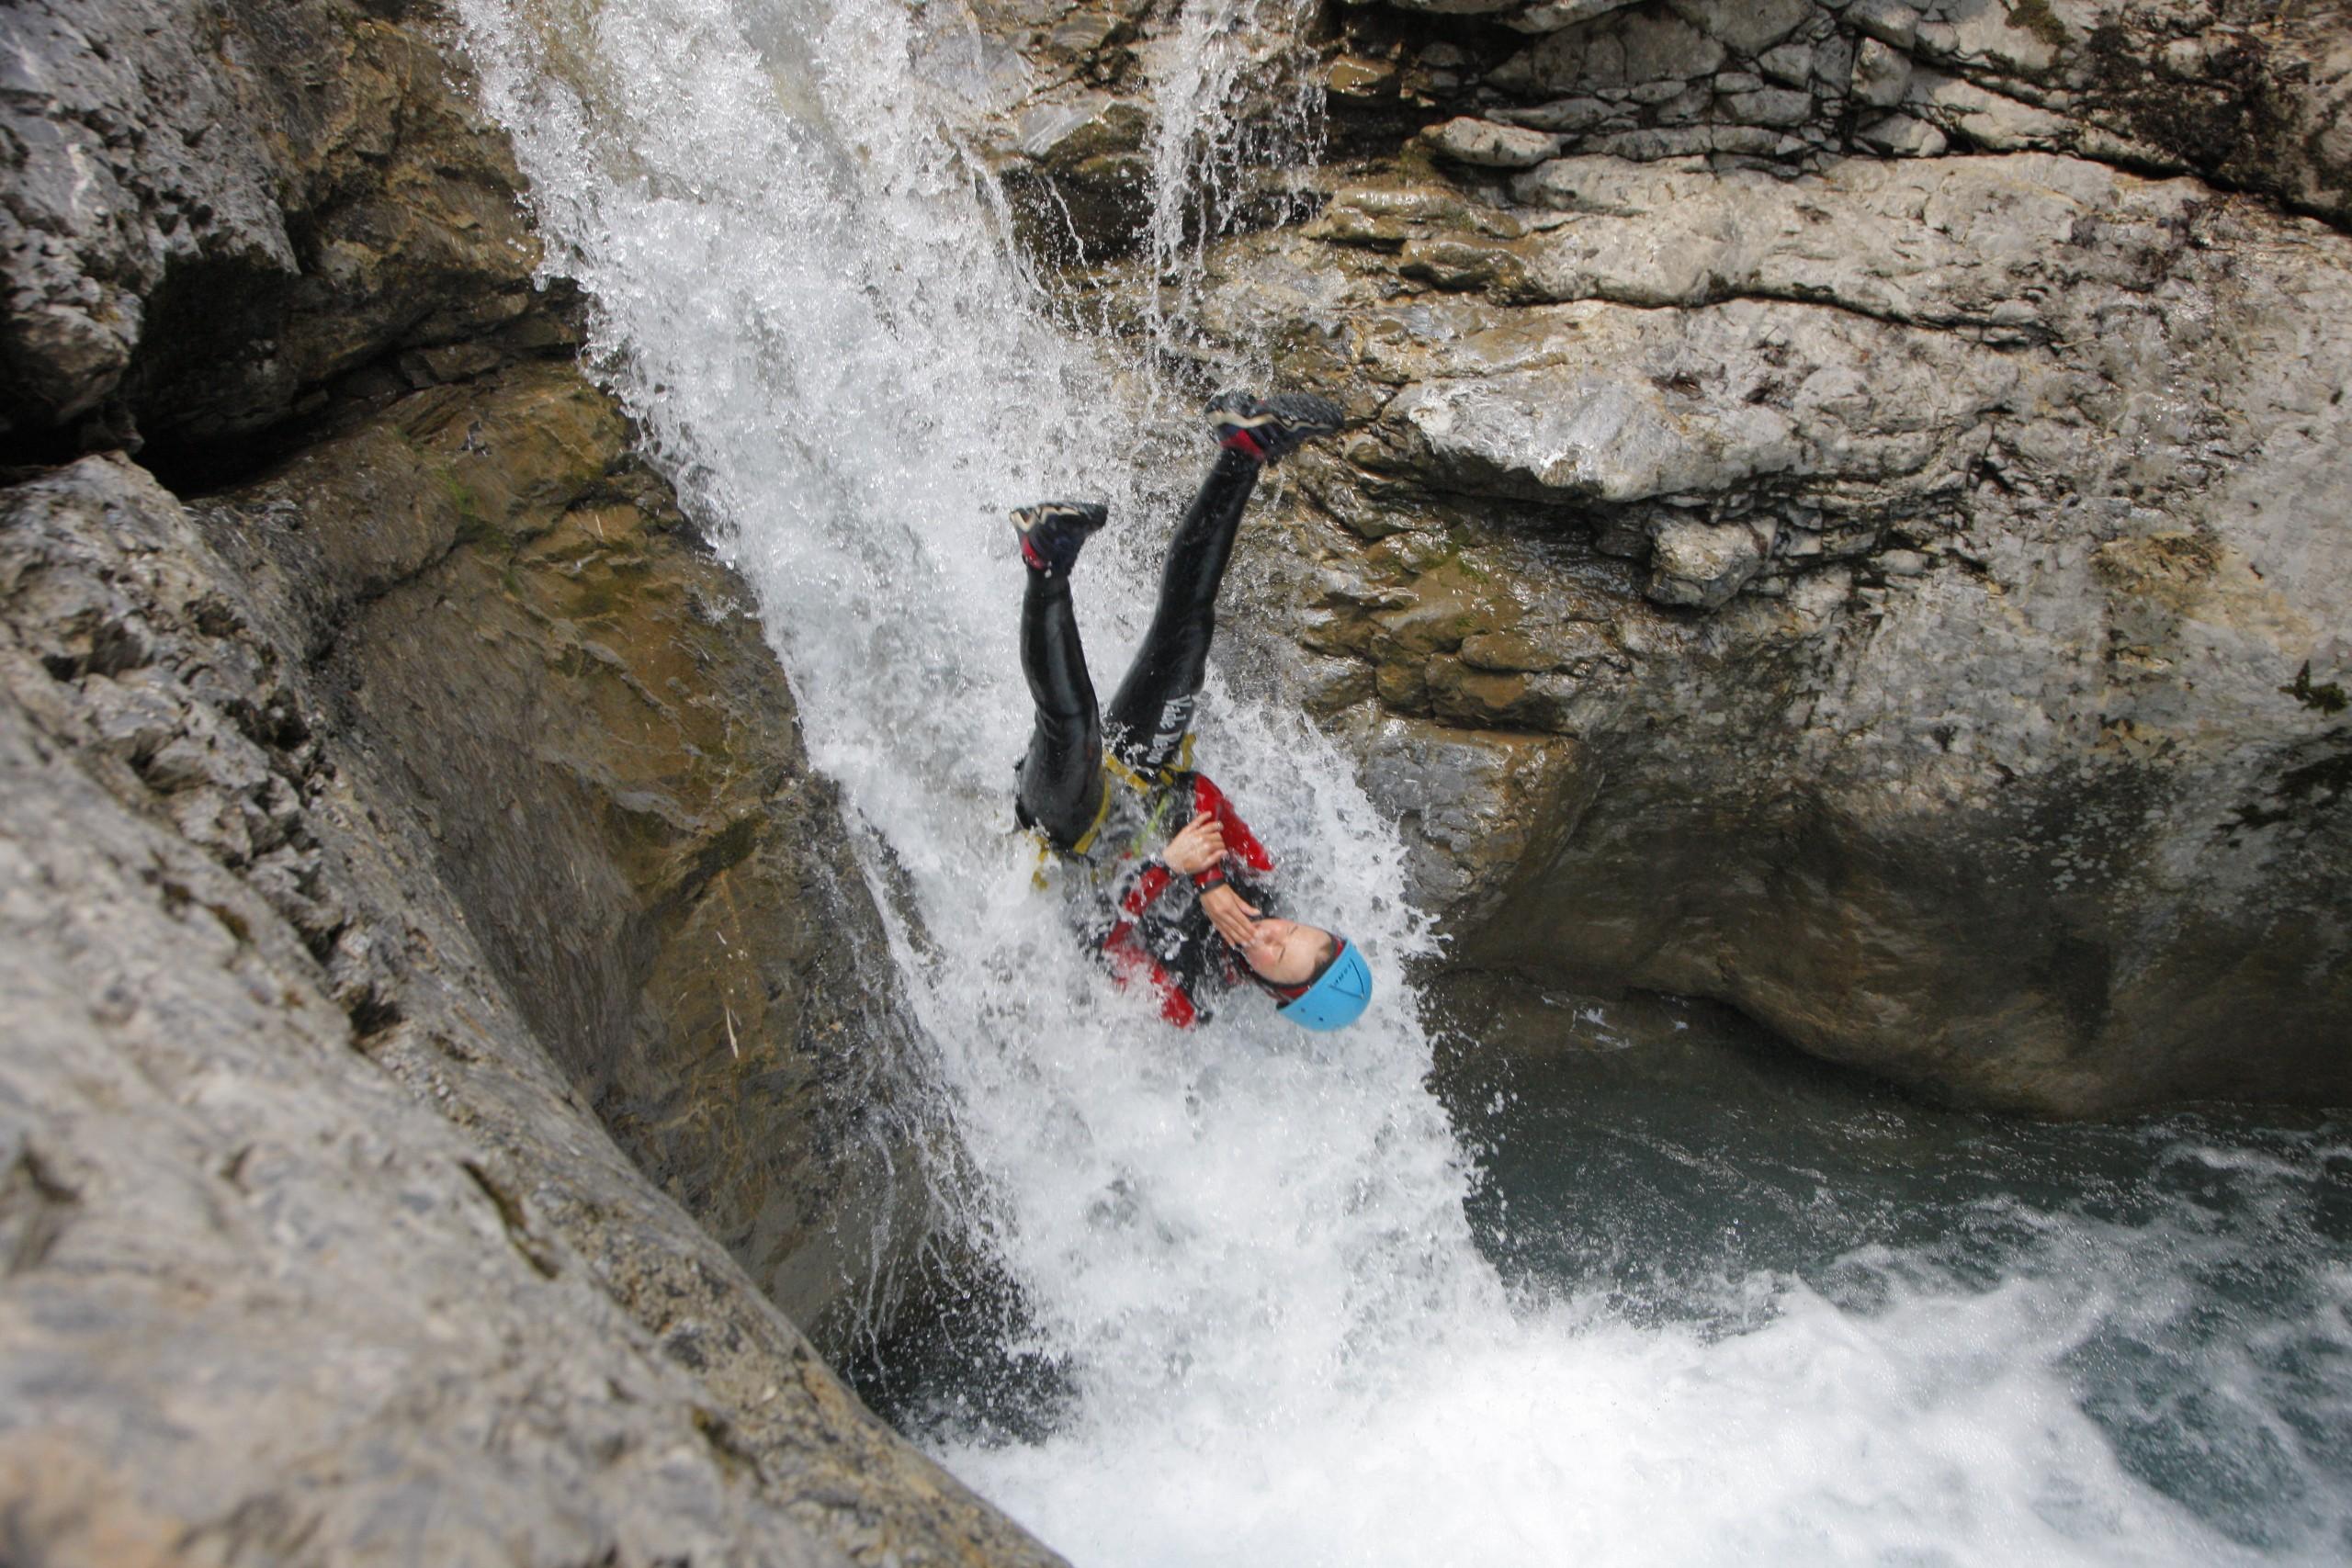 Toboggan à l'envers dan sle canyon ludique le Fournel dans les Écrins